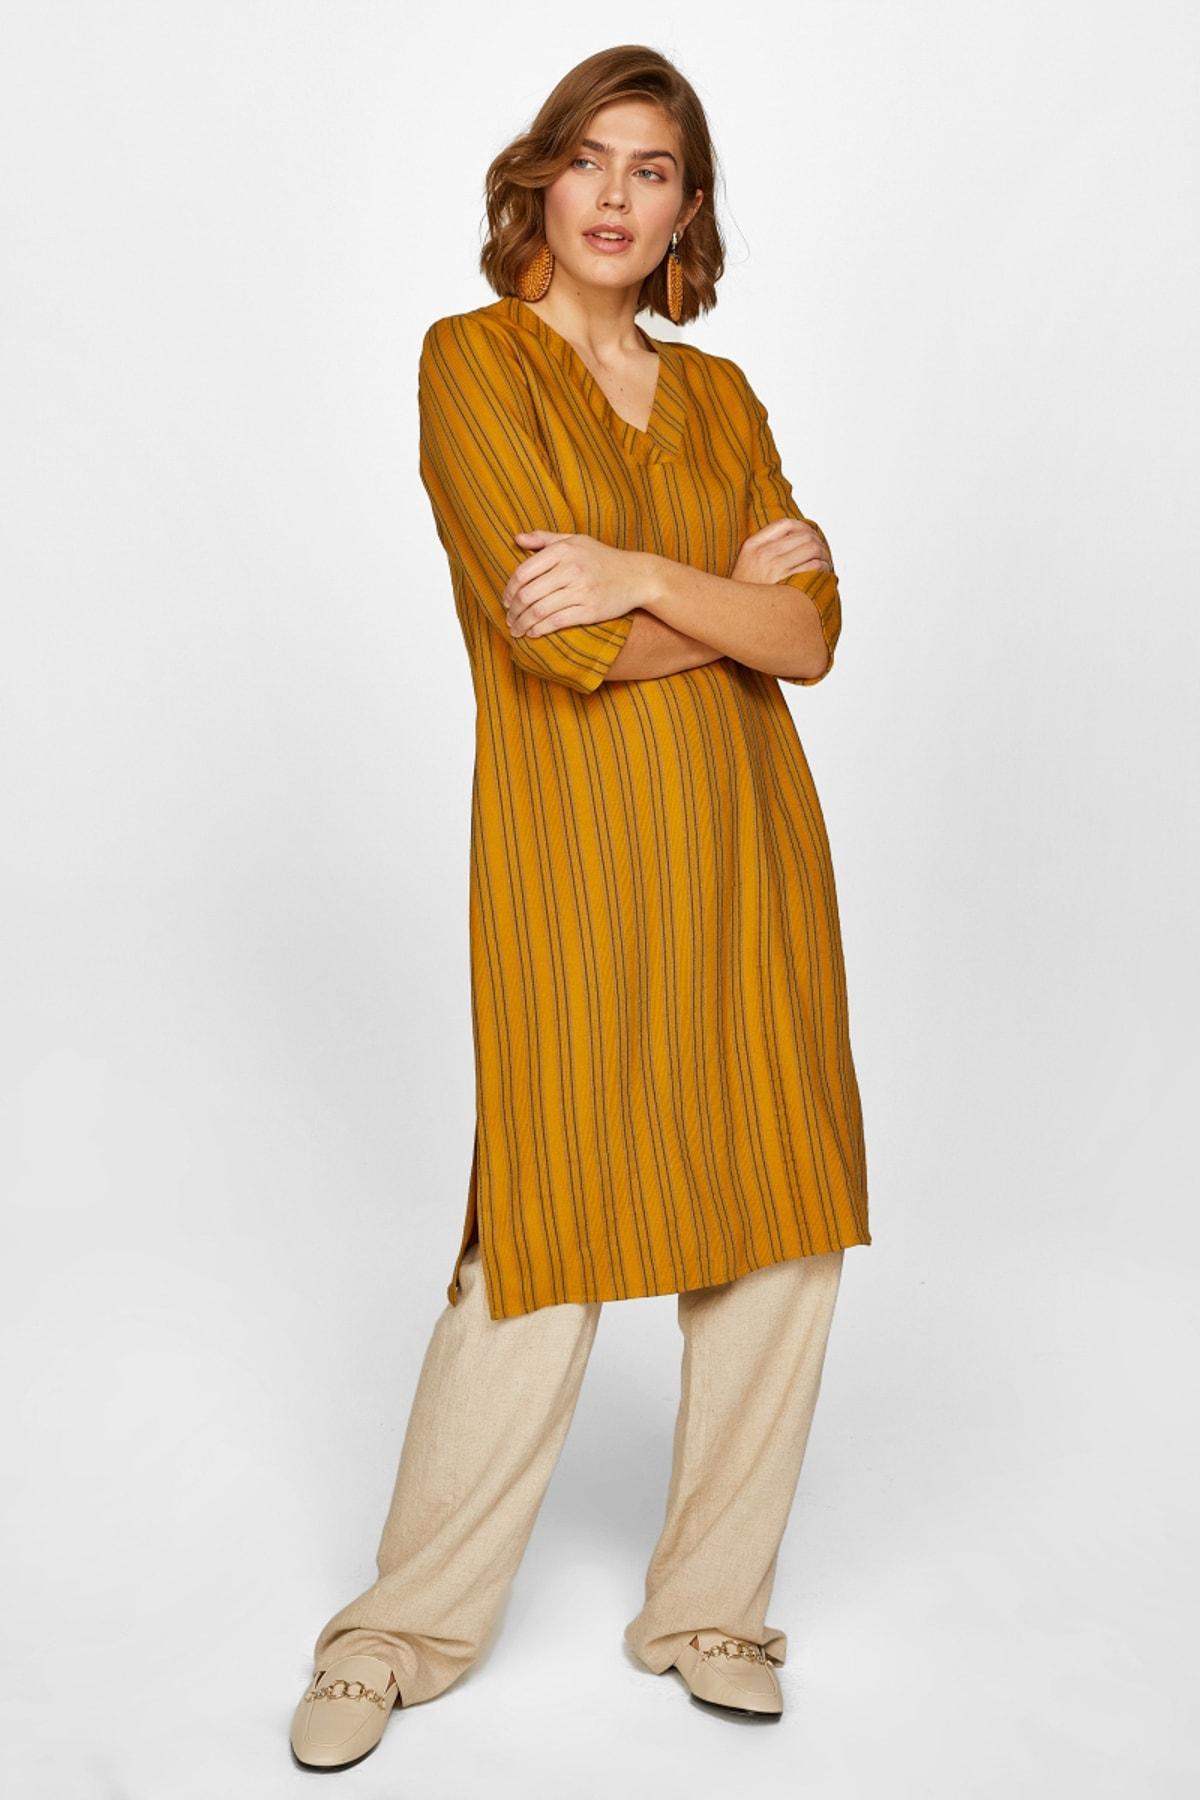 Faik Sönmez Kadın Asit Çizgili V Yaka Dokuma Elbise 60274 U60274 1